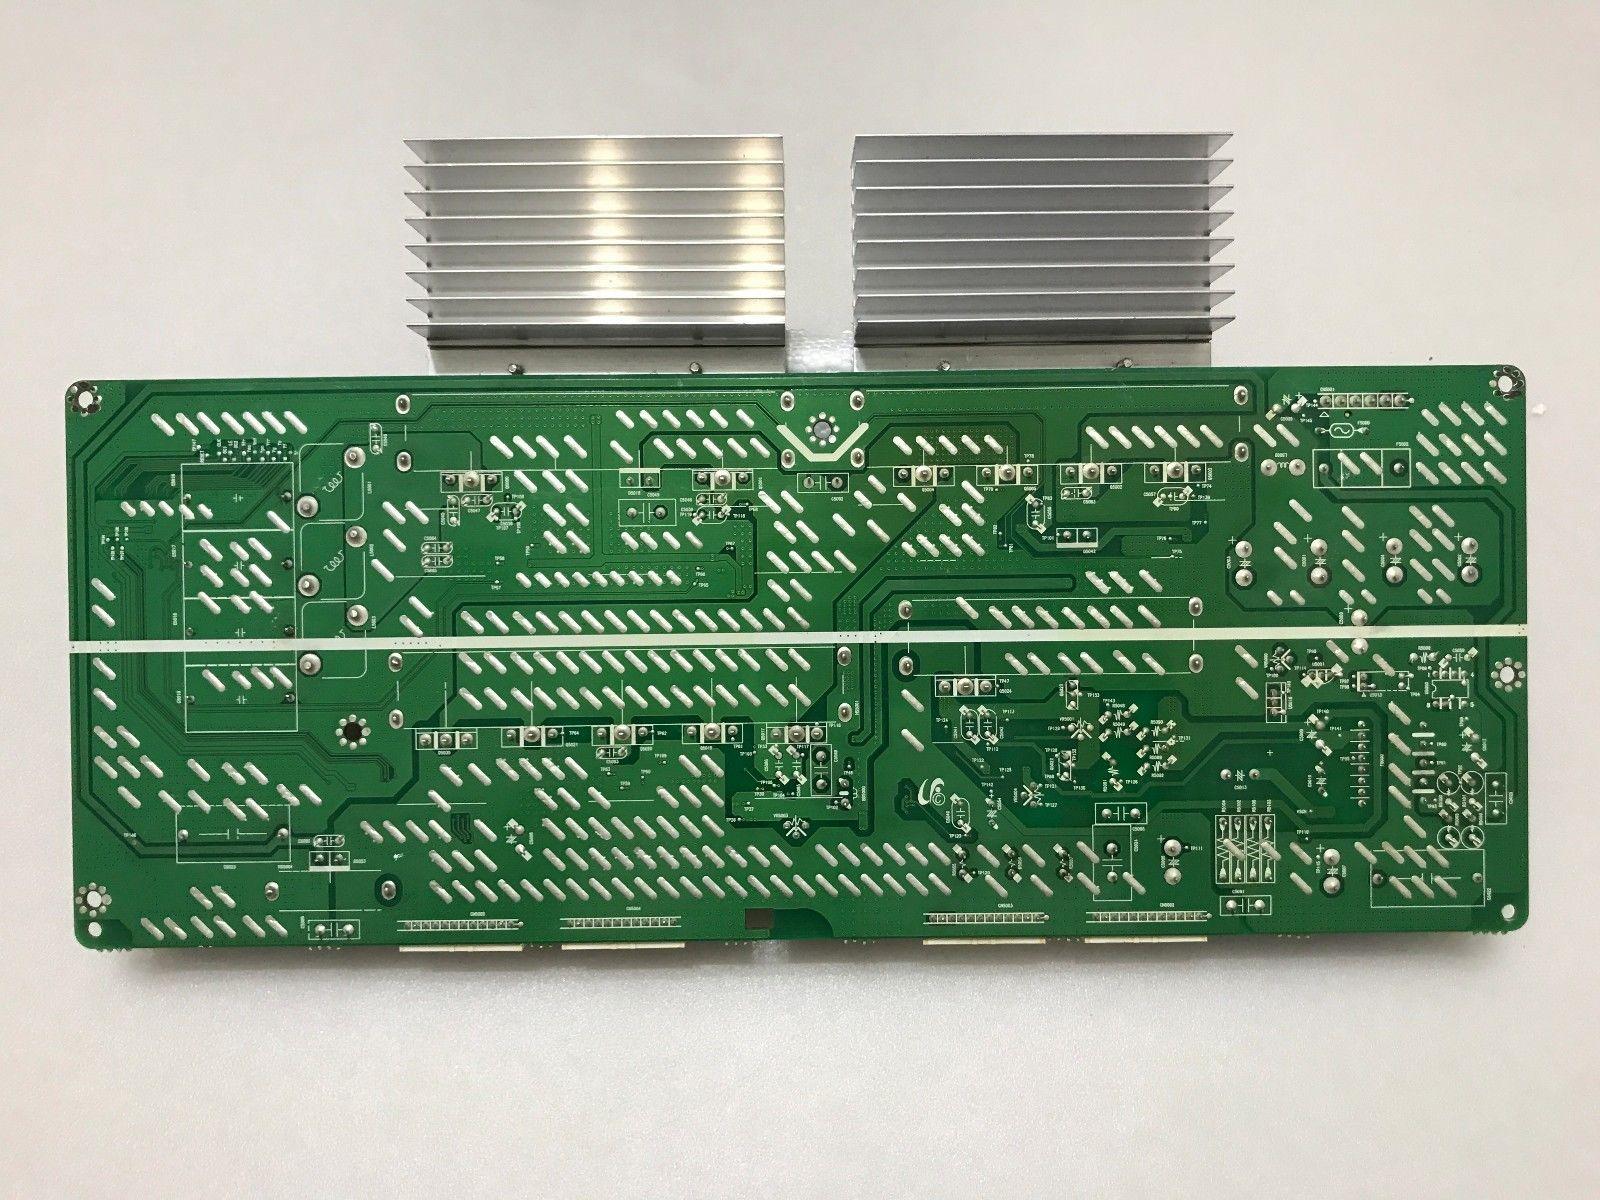 Samsung Plasma LJ41-06153A R1 9 AA3 S50FH-YB03 Ysus Board